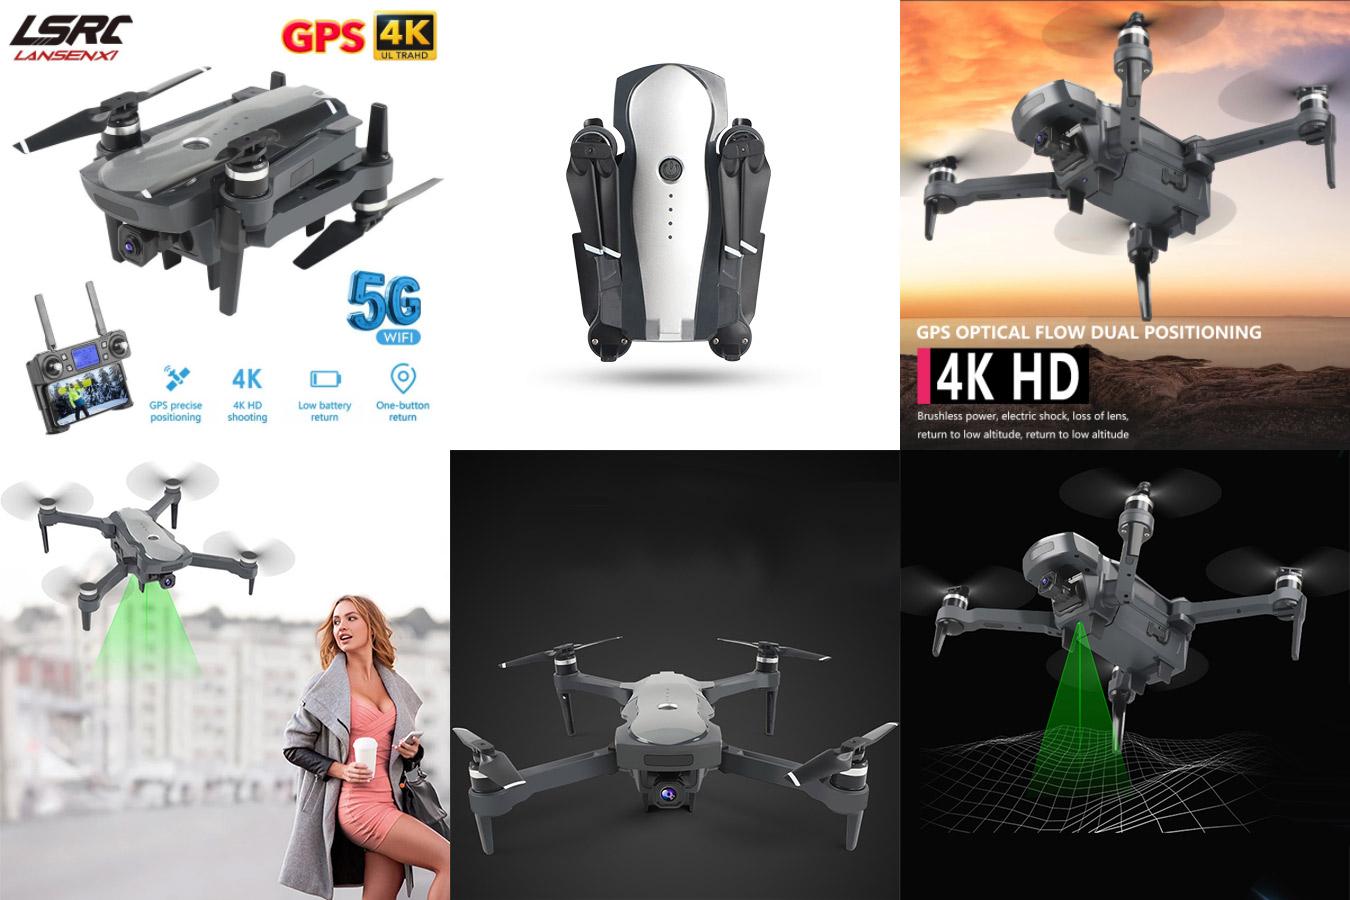 Квадрокоптер с наличием 5G